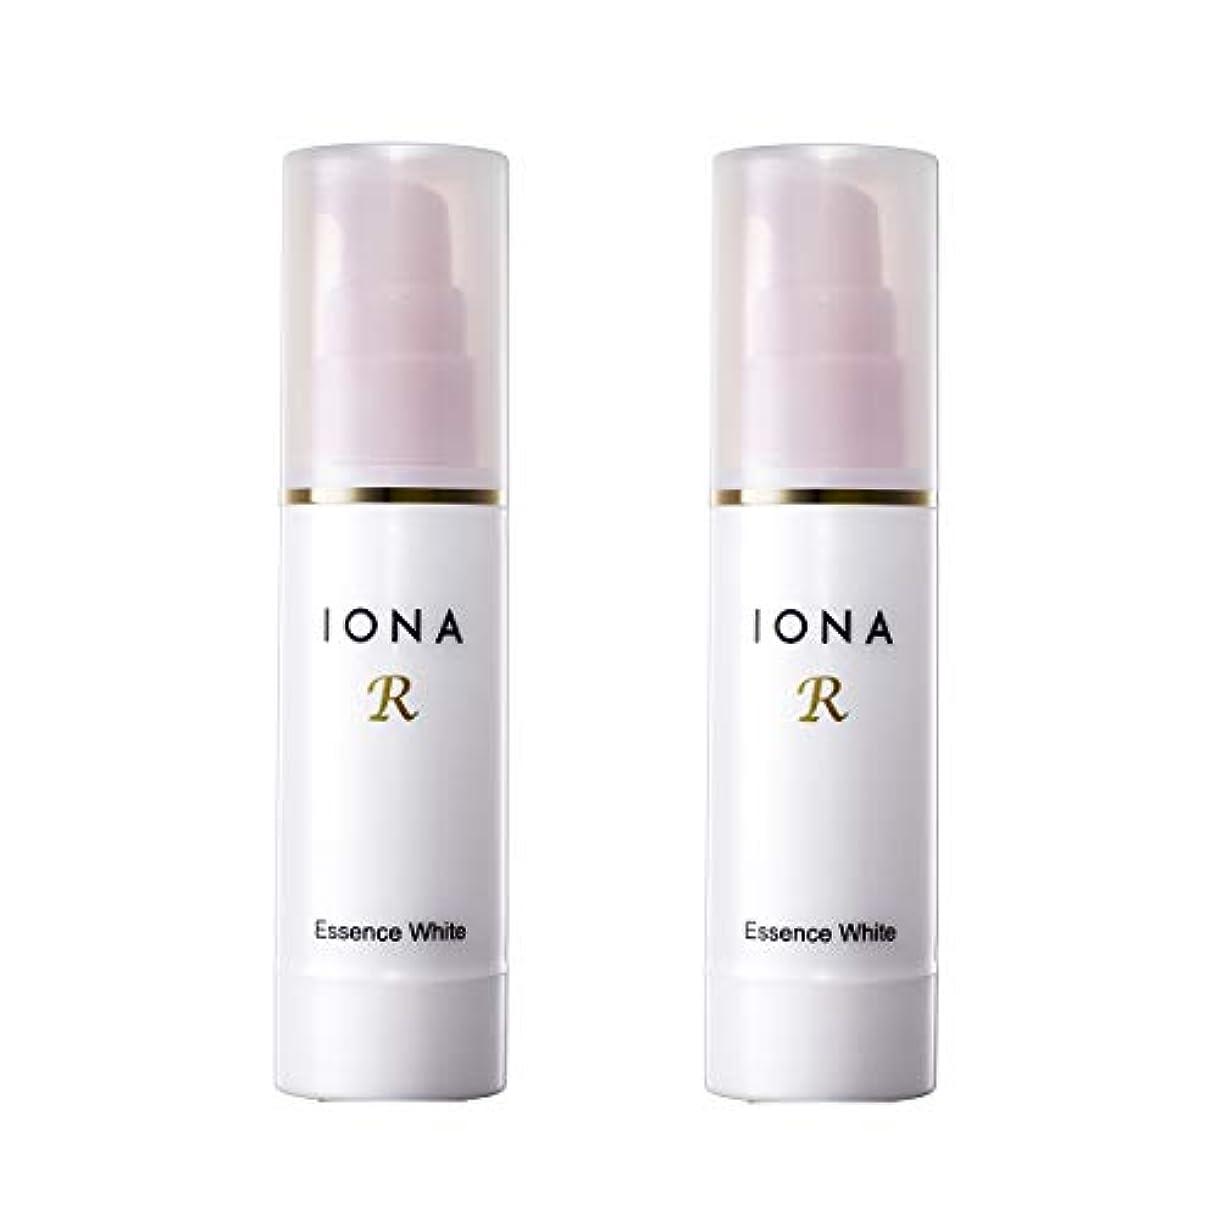 疑問に思うバッフルデュアルイオナR エッセンスホワイト 美容液 2個セット 【通常価格より20%OFF】高機能ビタミンC配合美容液 IONA R イオナアール イオナのビタミンC